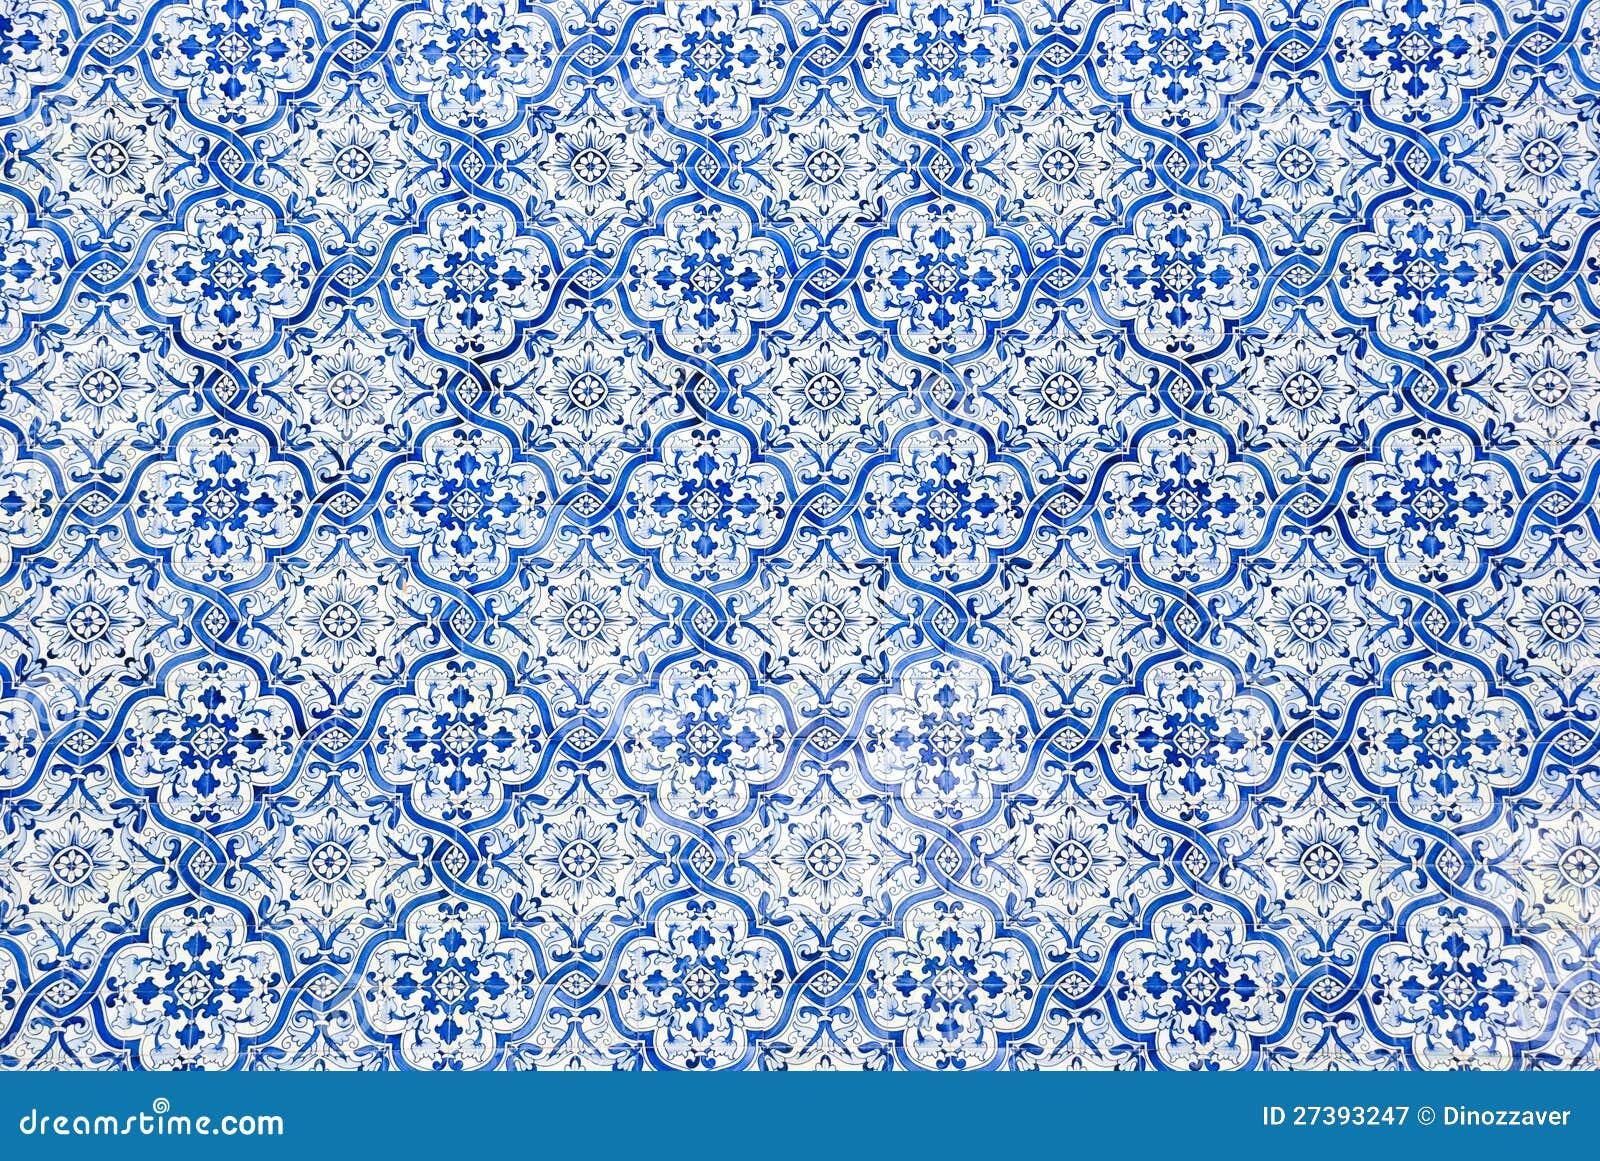 Portugiesische Fliesen Azulejos Stockbild Bild Von Außen - Portugiesische fliesen azulejos